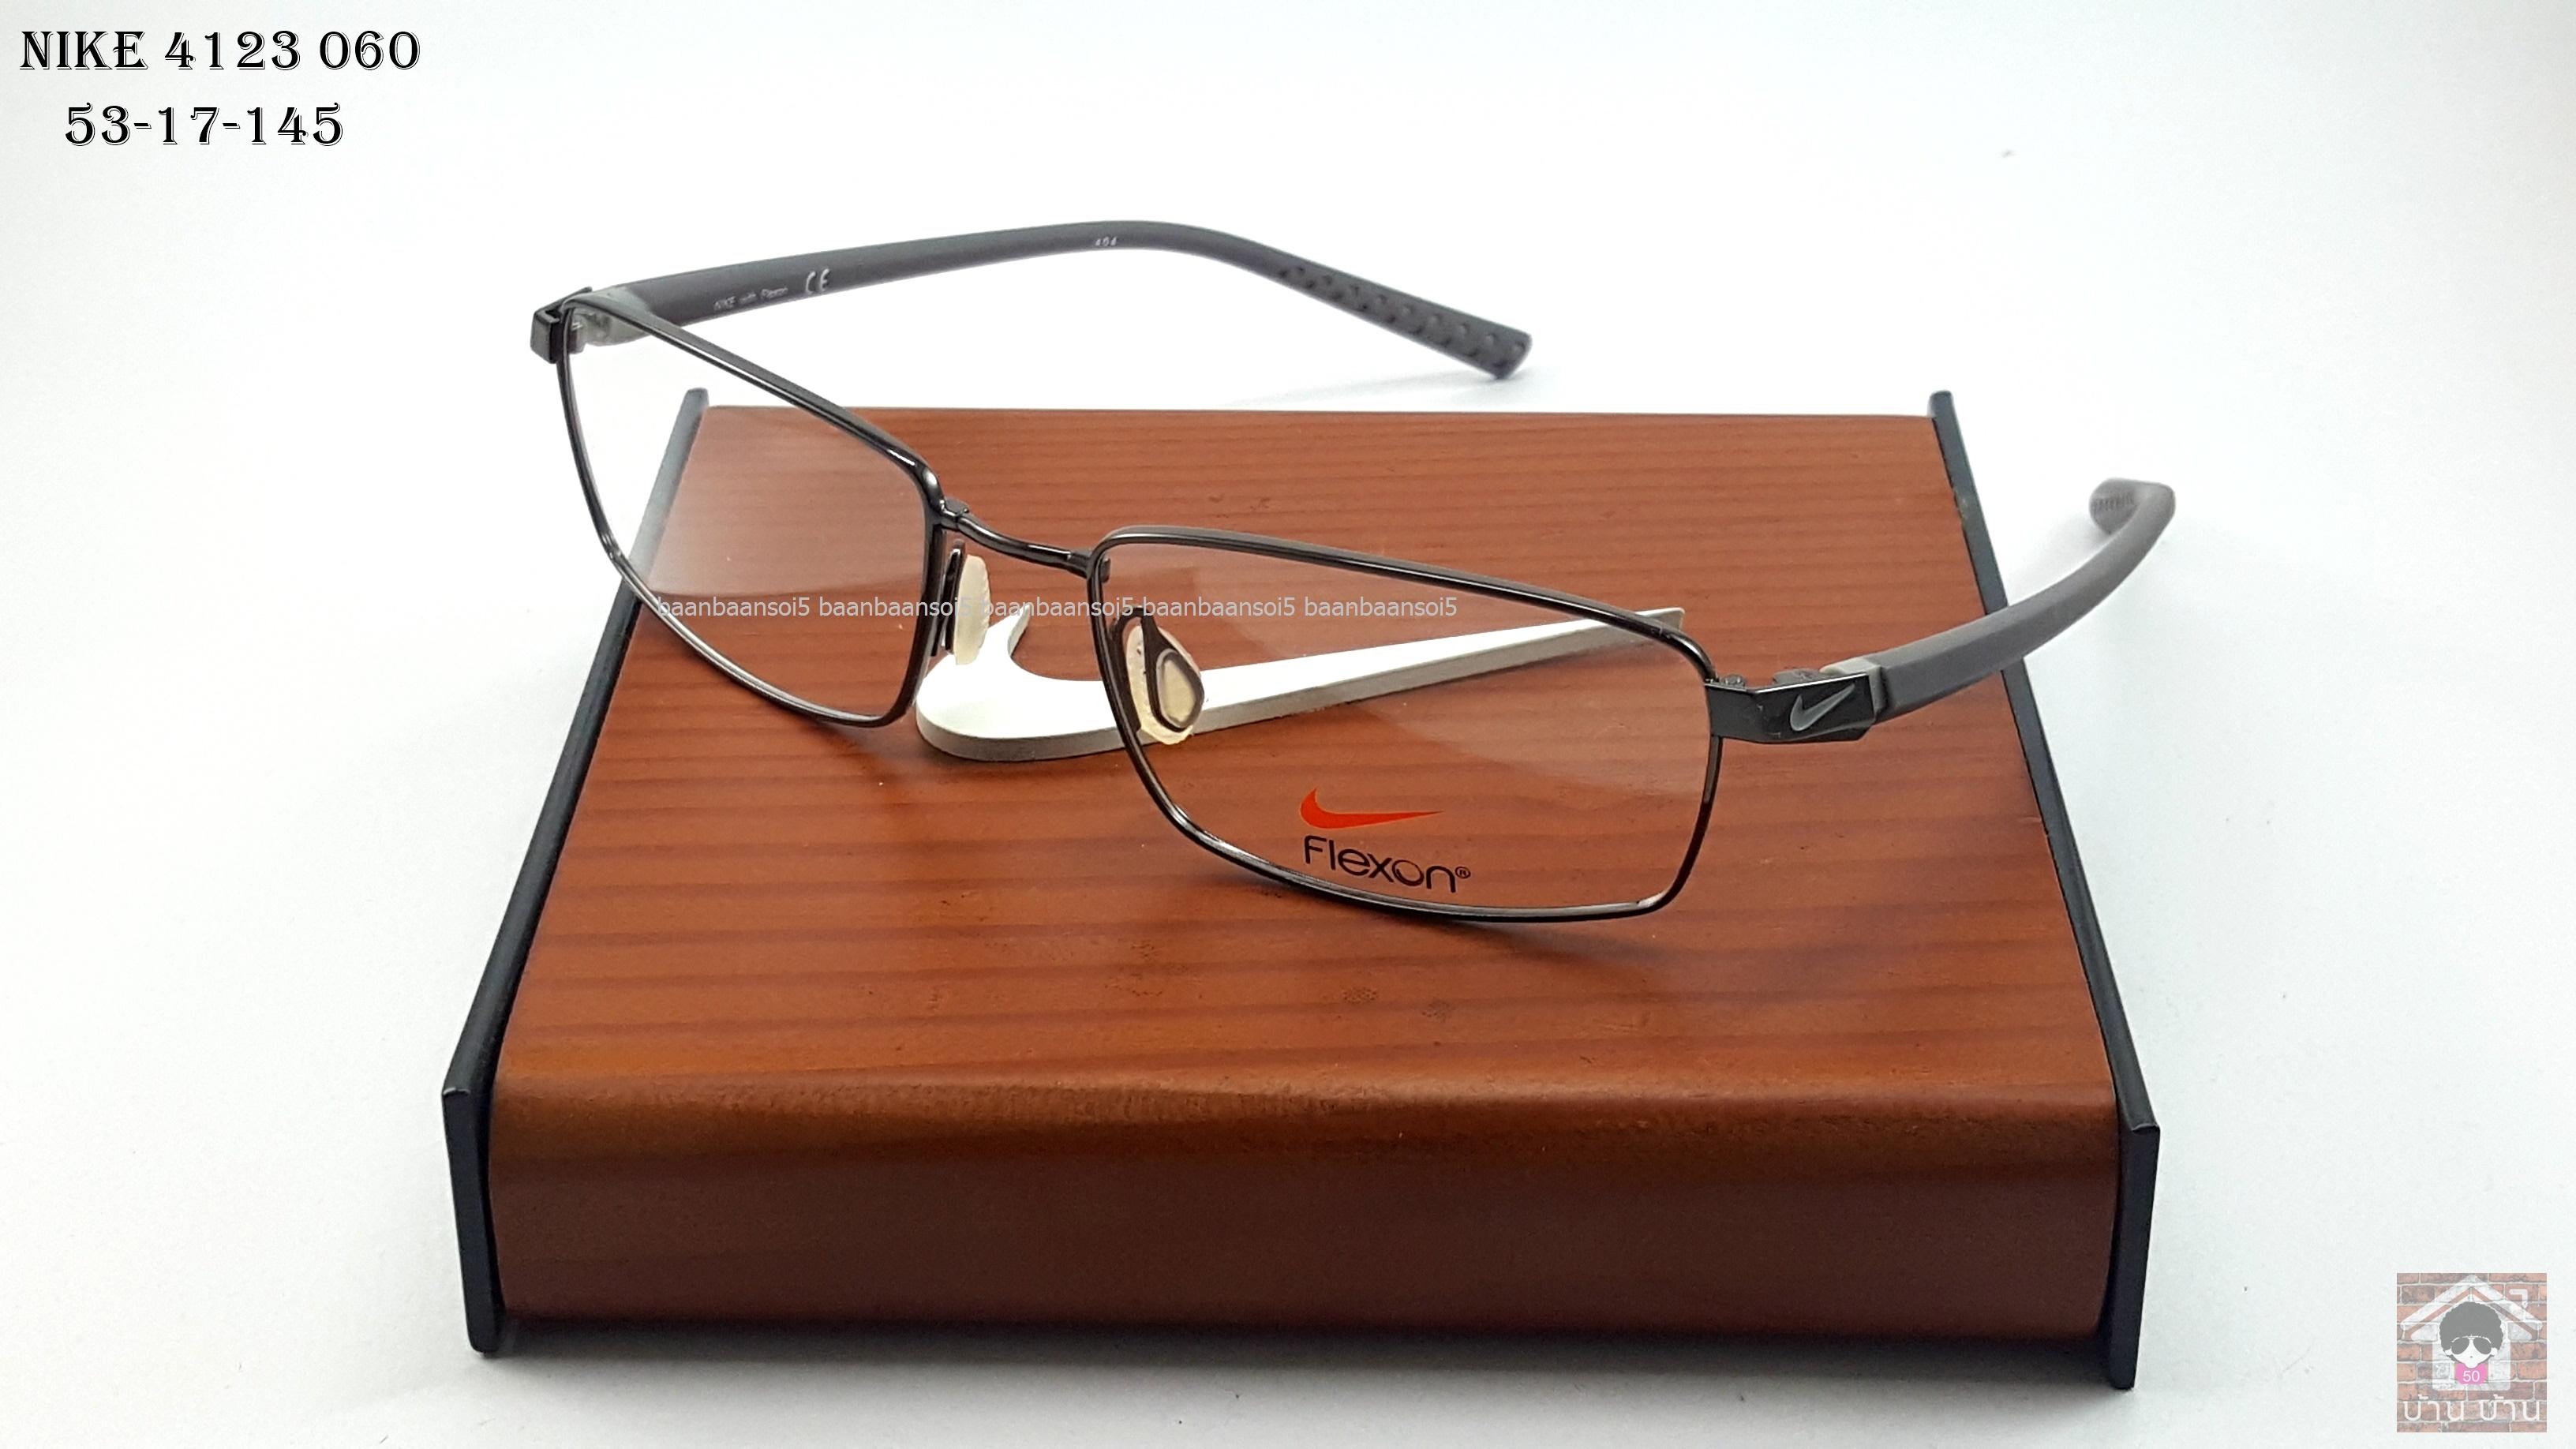 NIKE BRAND ORIGINALแท้ Flexon 4213 060 กรอบแว่นตาพร้อมเลนส์ มัลติโค๊ตHOYA ป้องกันรังสีคอม 5,200 บาท